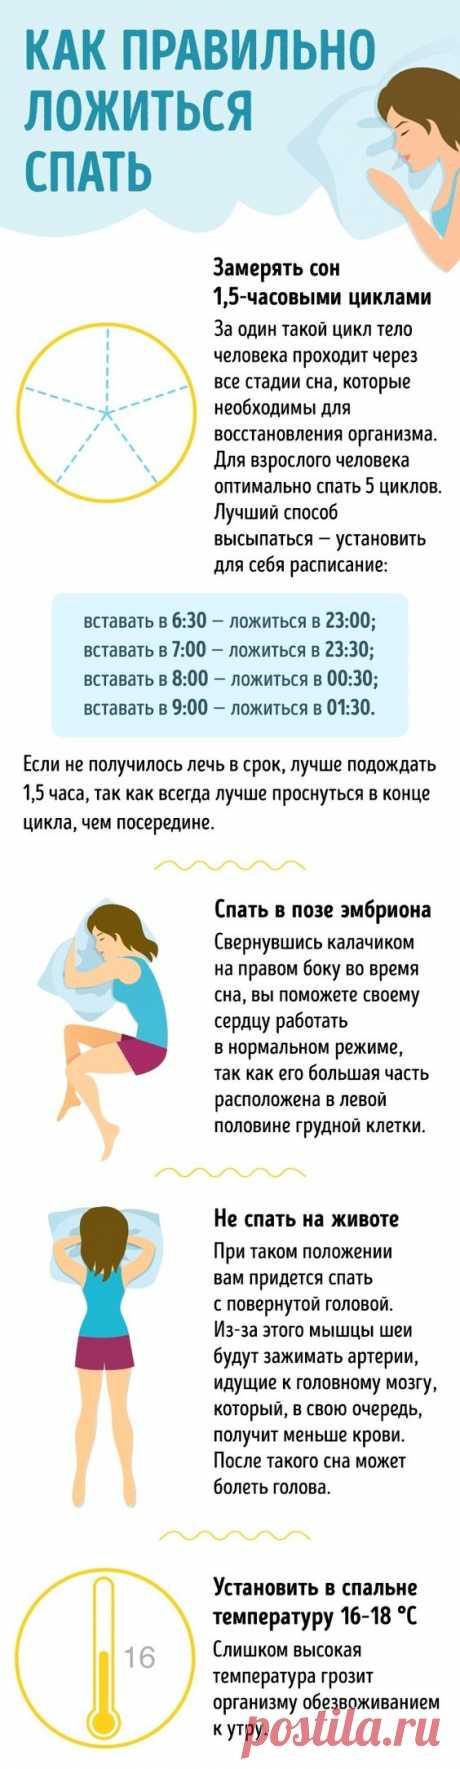 6 приемов для идеального сна, которыми пользуются мировые спортсмены | Здоровье | Yoga, Exercises and Workout